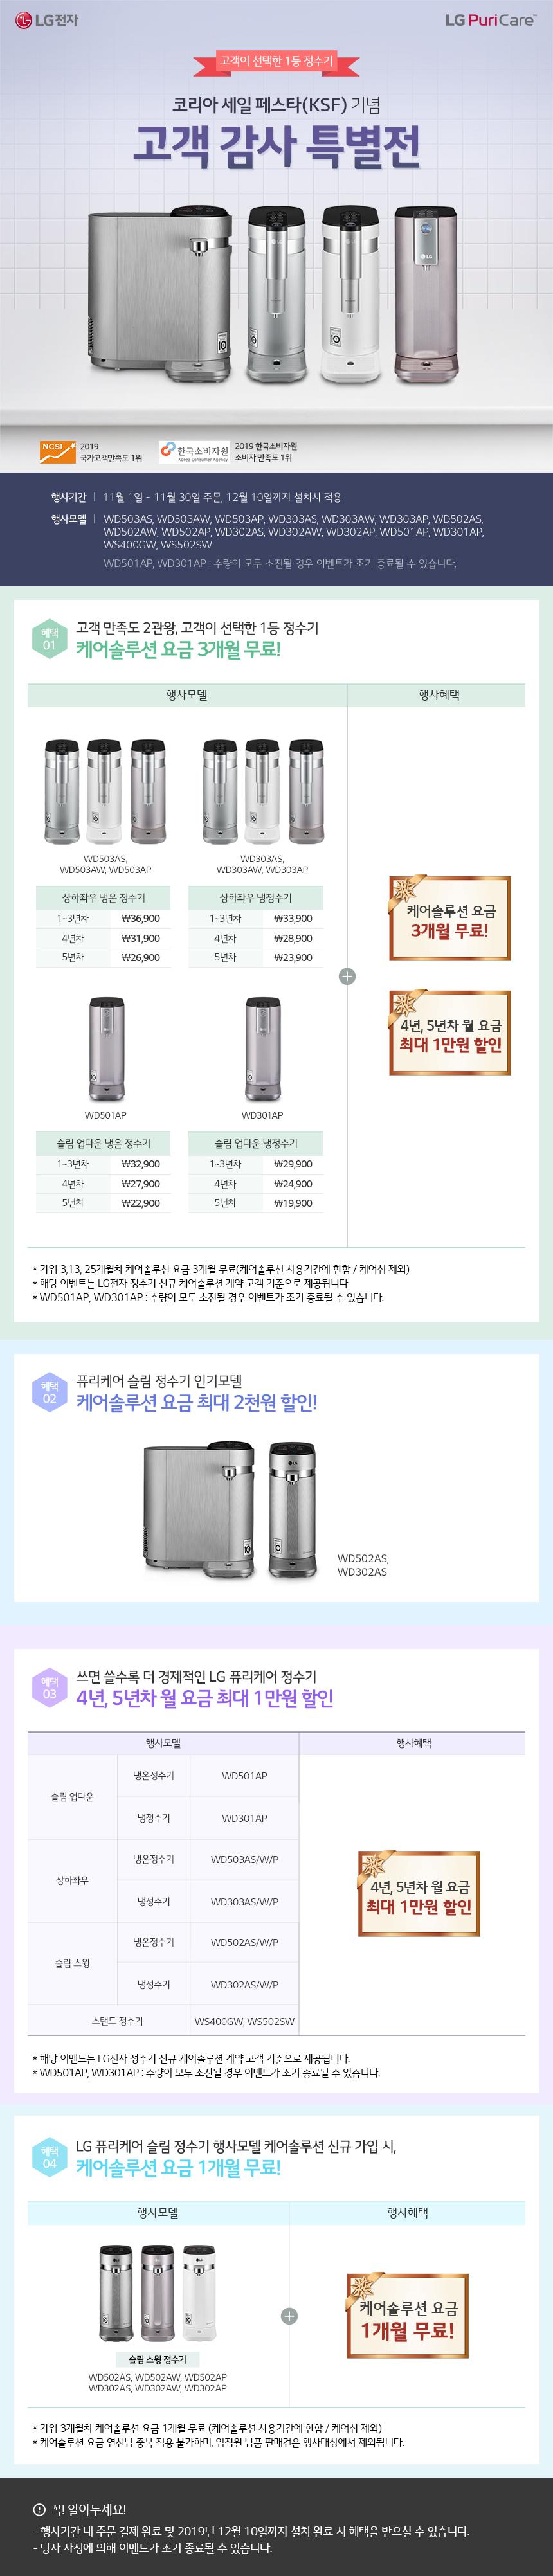 [USP 배너 - 판촉] LG 퓨리케어 정수기 KSF 프로모션 배너.jpg